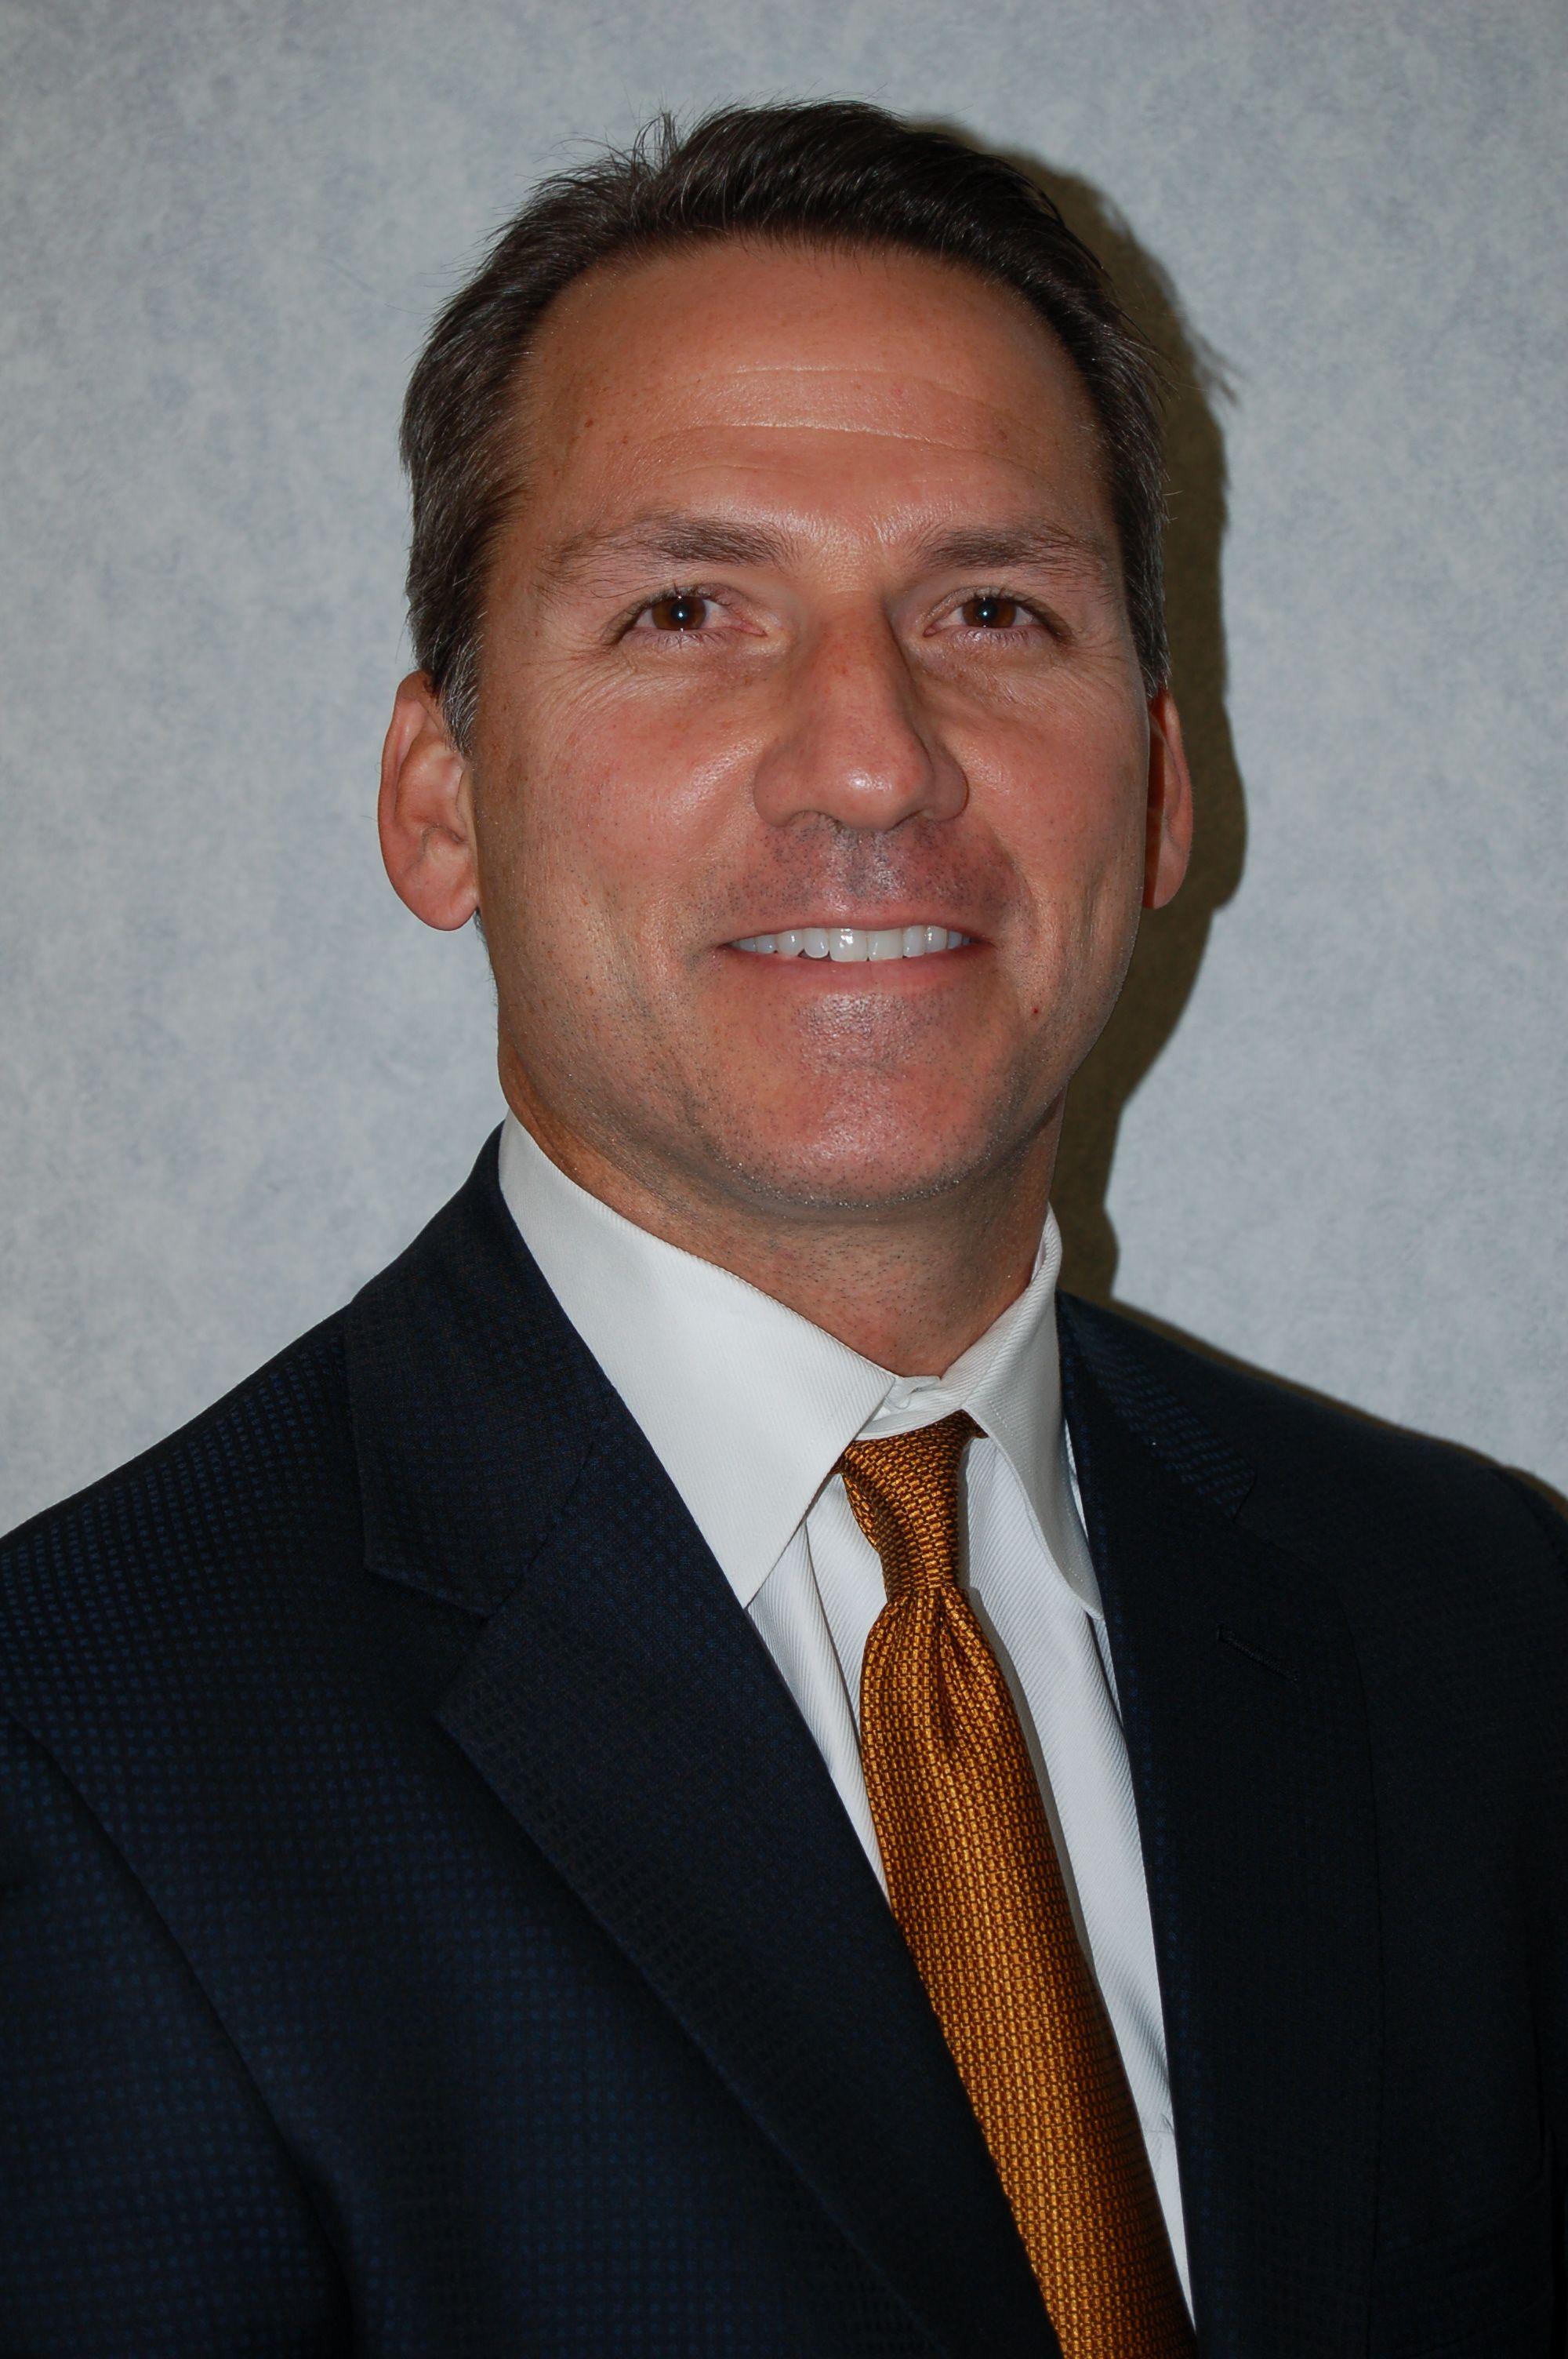 Bret Wiechmann, MD